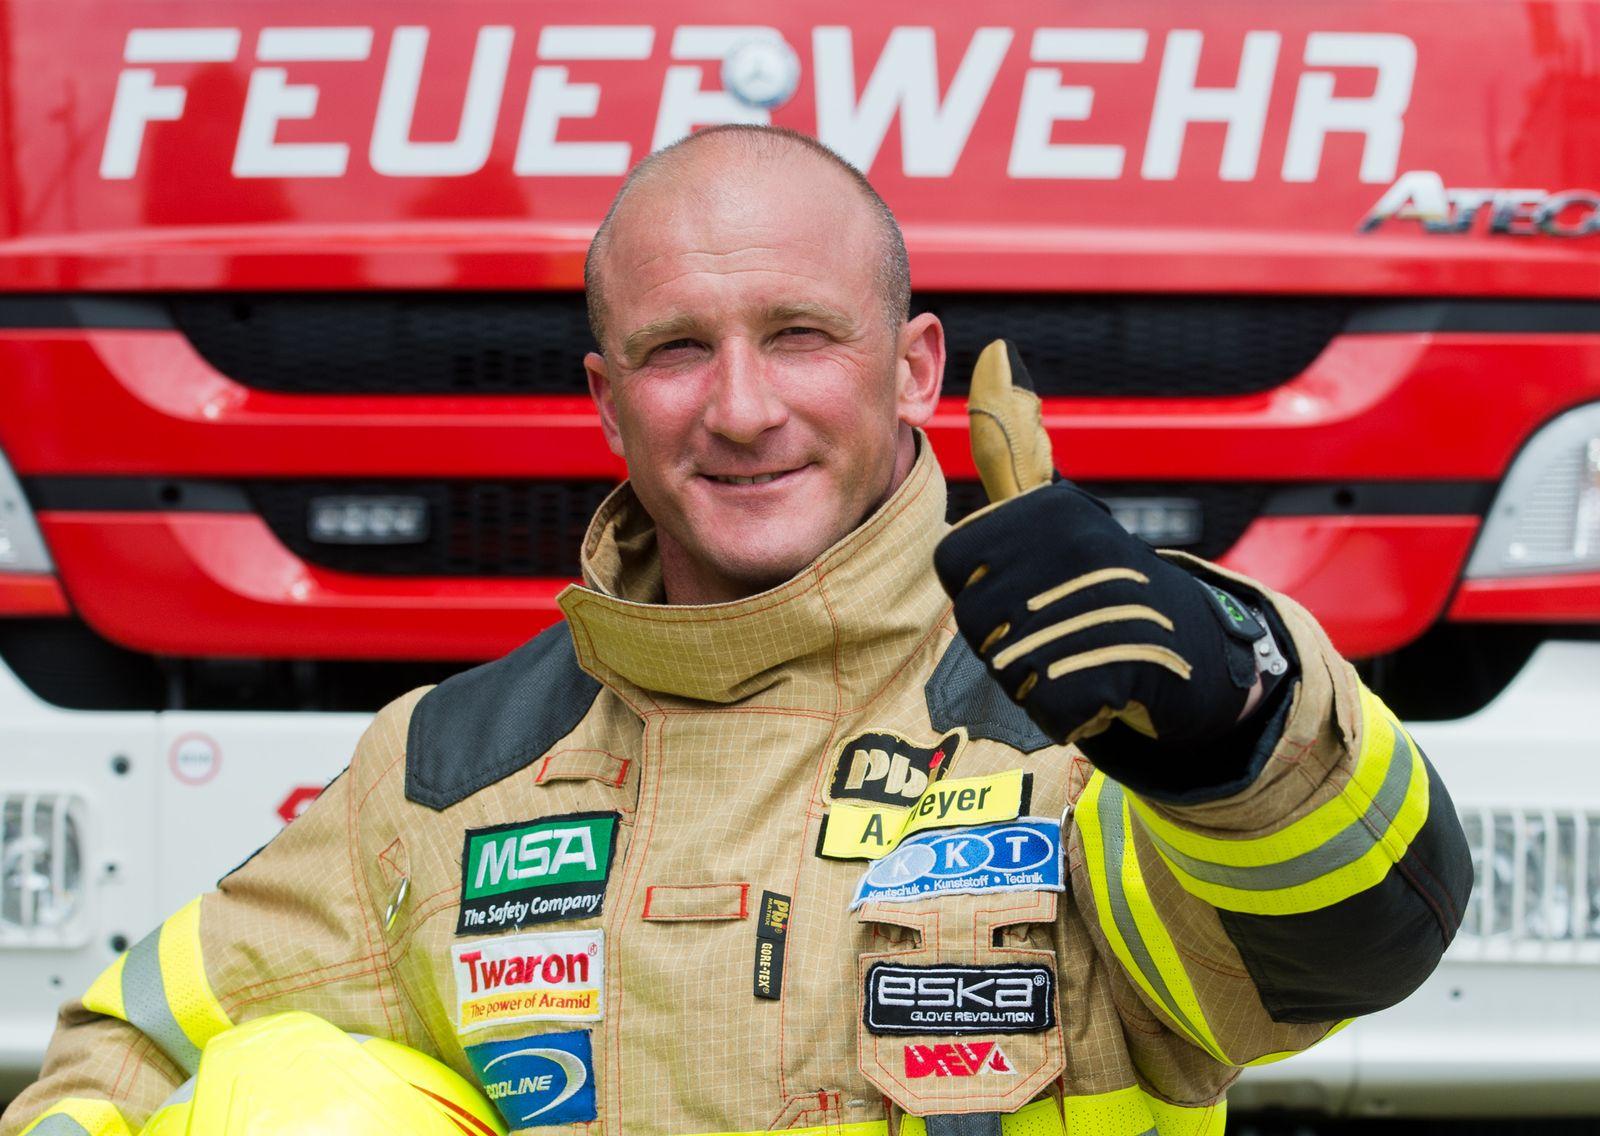 Wettkampf/ Der härteste Feuerwehrmann der Welt